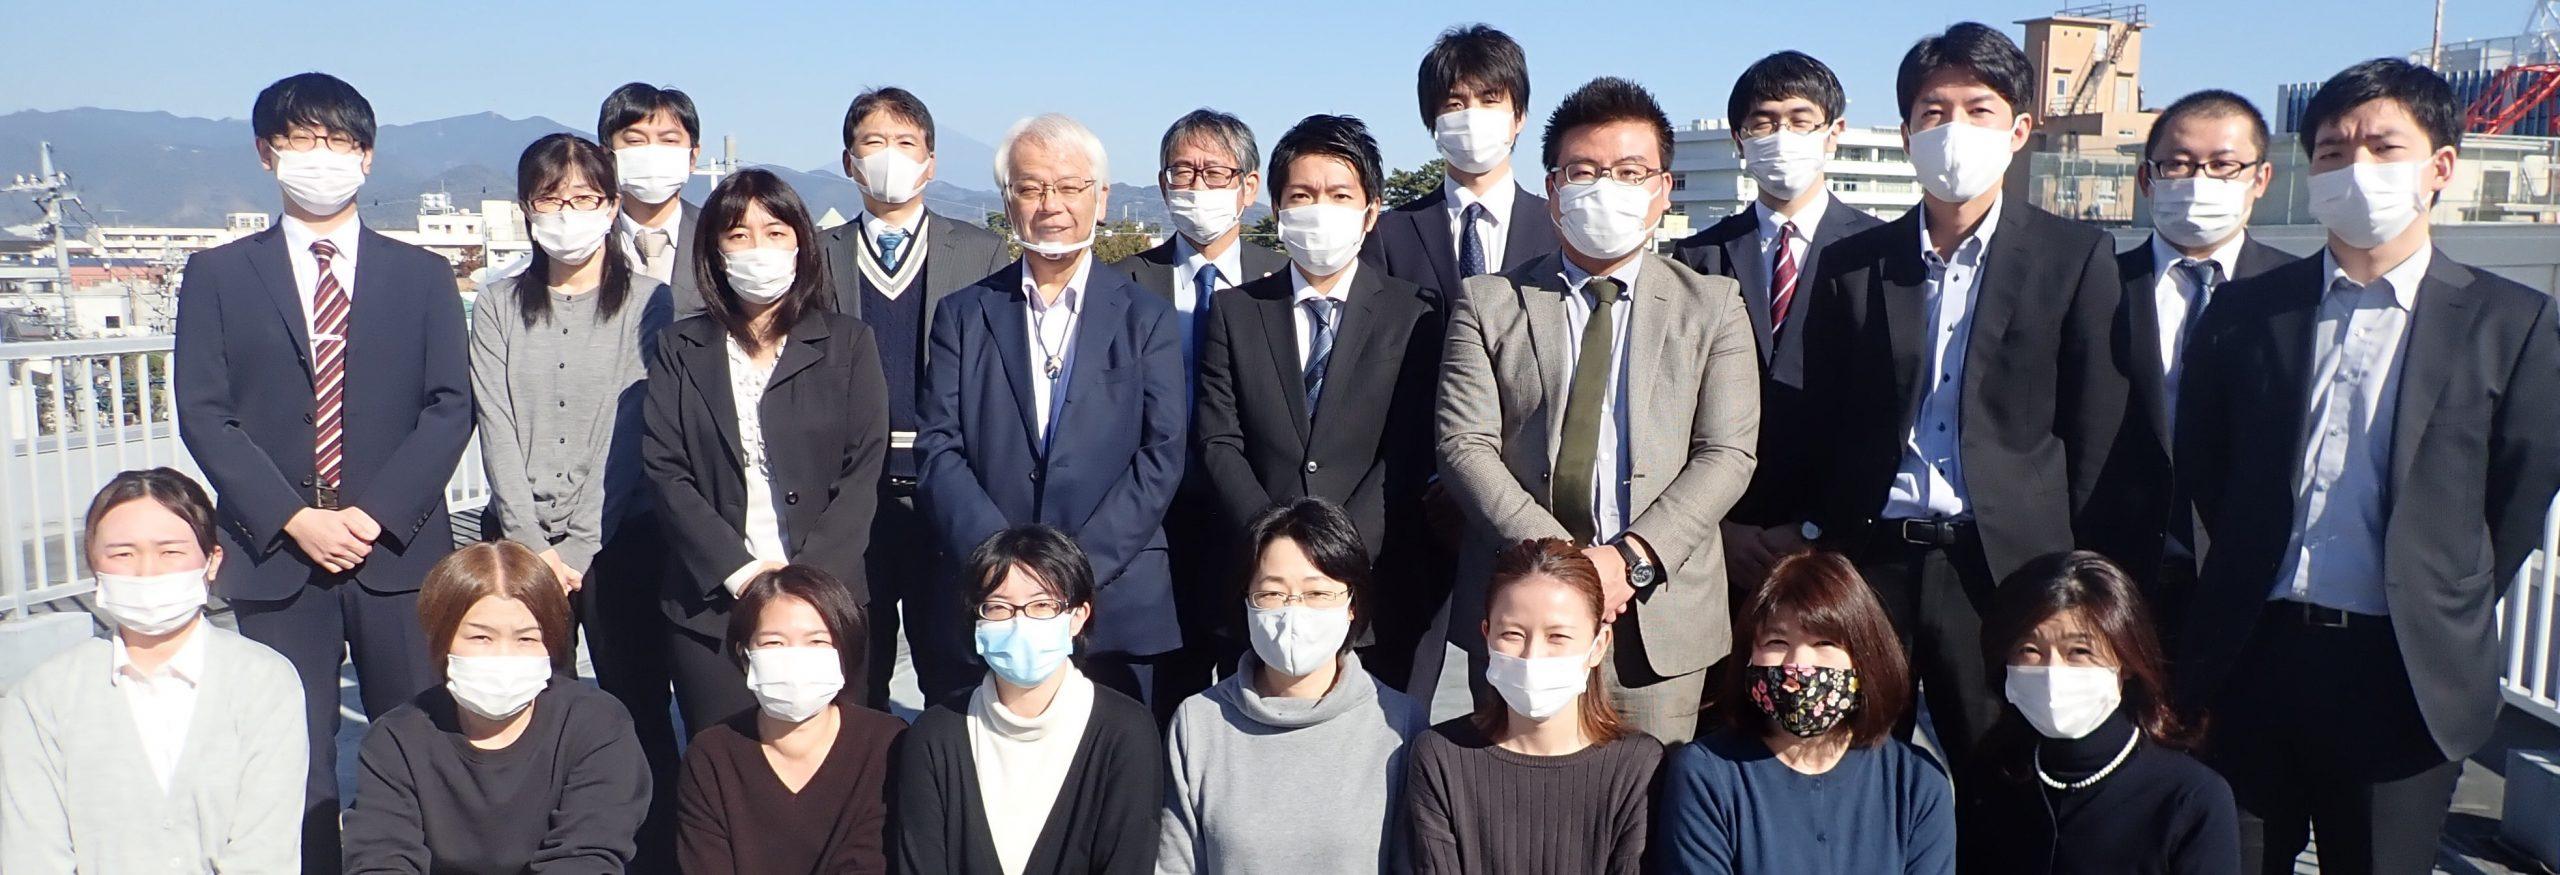 静岡の地域に根ざした県内最大規模の法律事務所